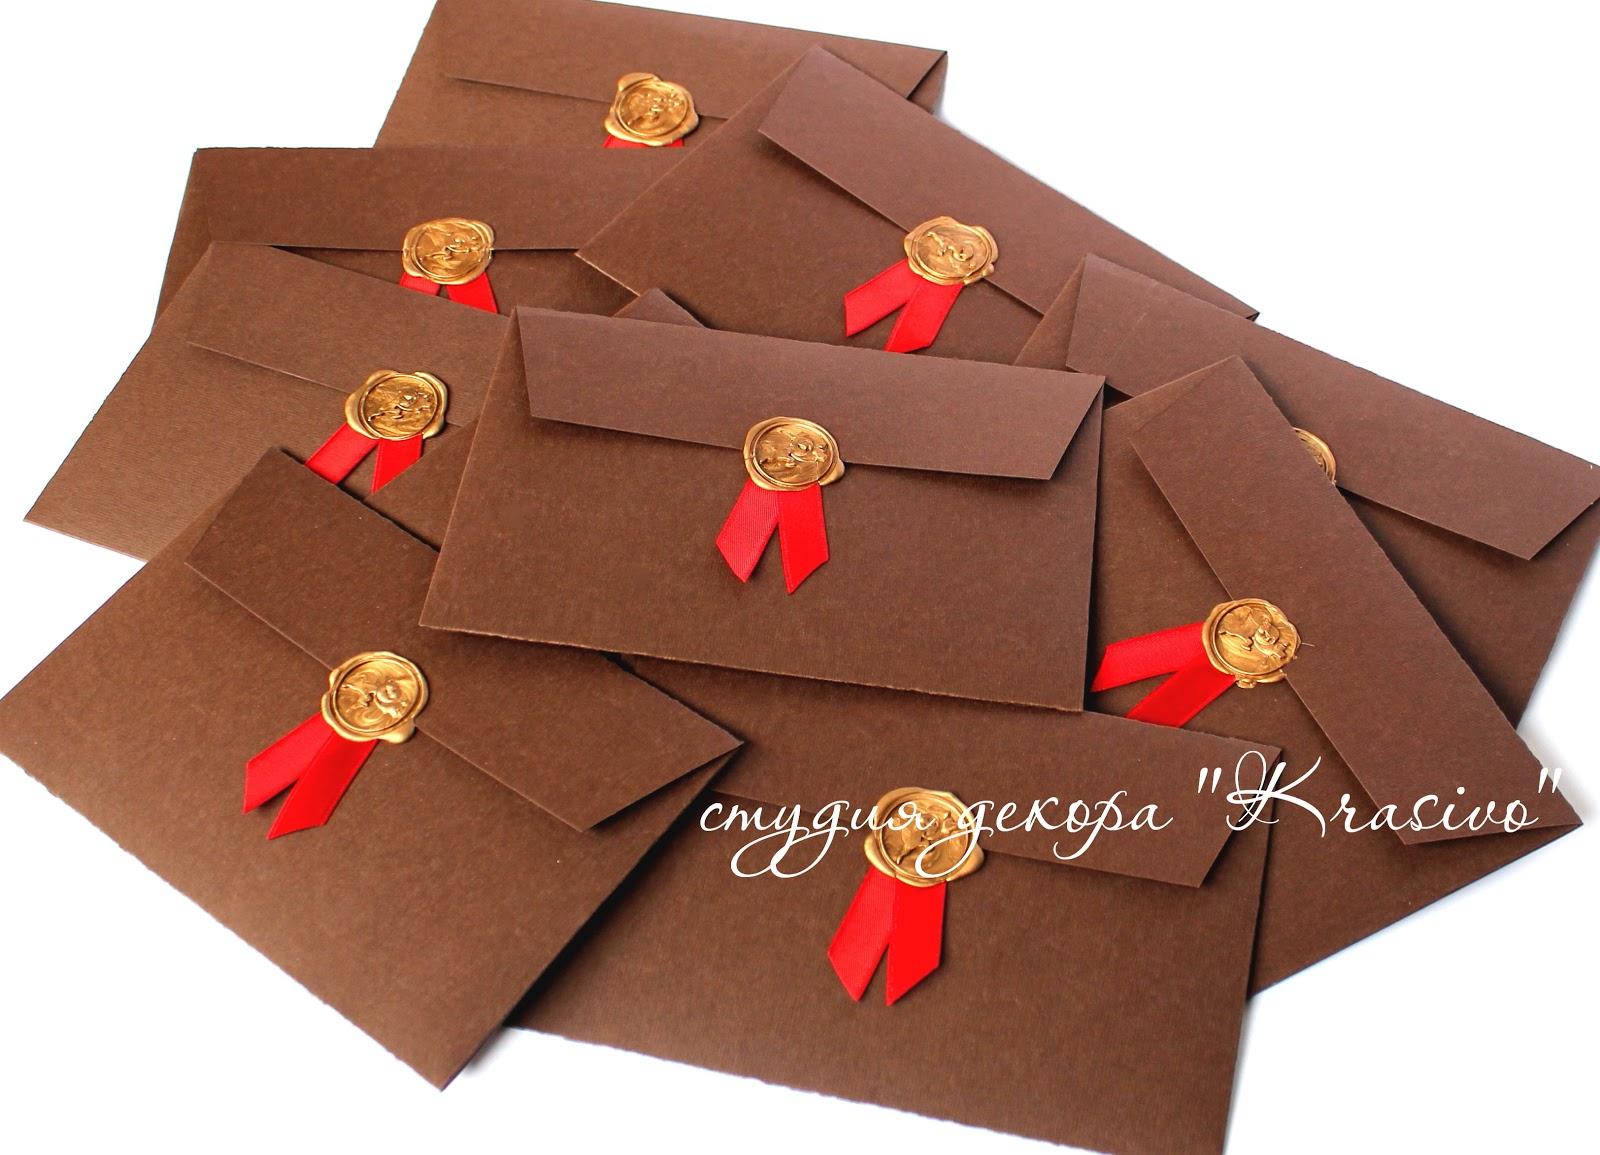 Оригинальная упаковка подарка своими руками | Дизайн ...